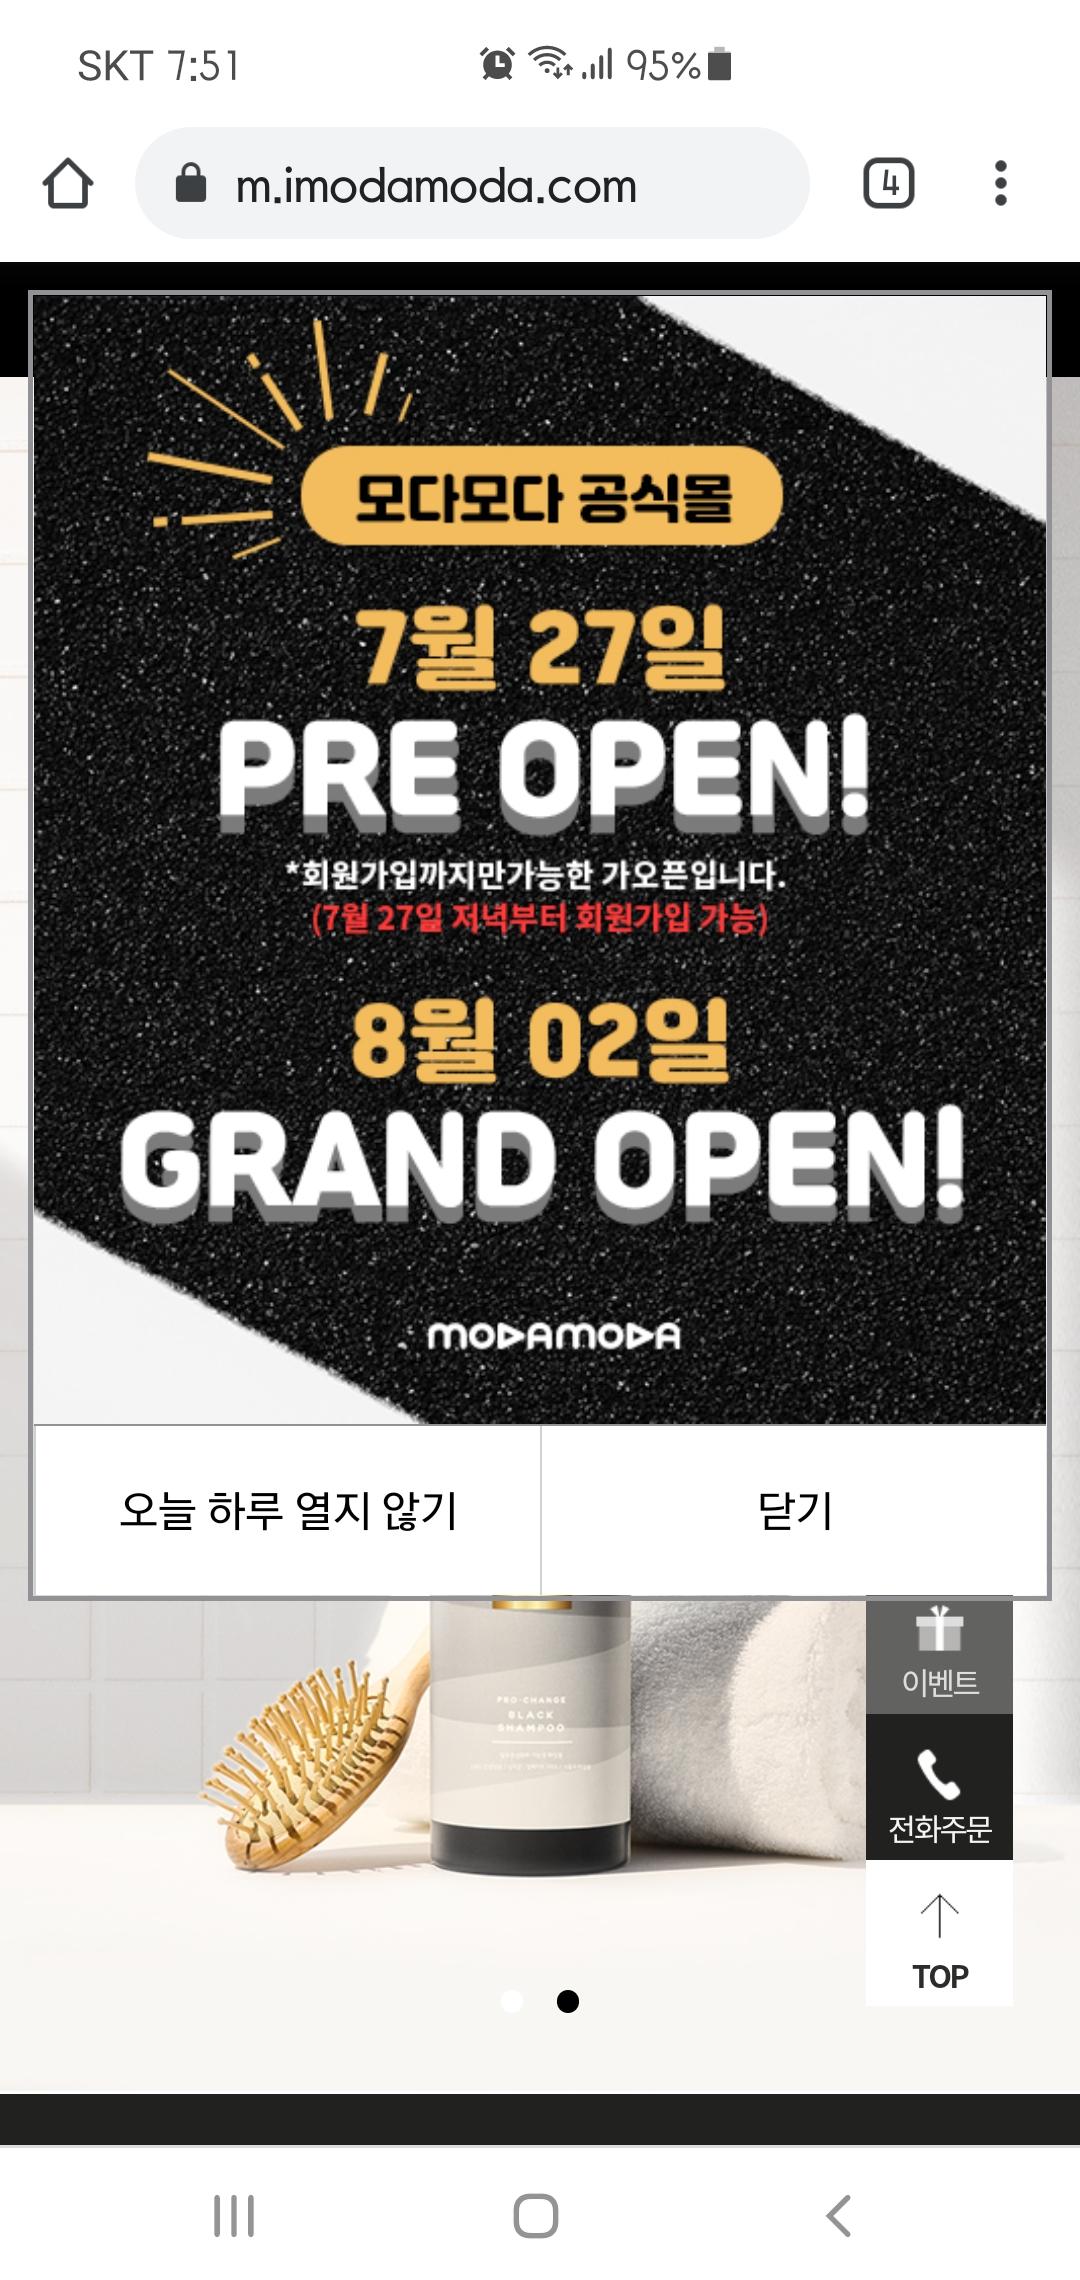 모다모다 샴푸 : 공식몰 사이트에서 회원가입 (샴푸하면 염색된다는 샴푸/ 8월 2일부터 구매 가능)